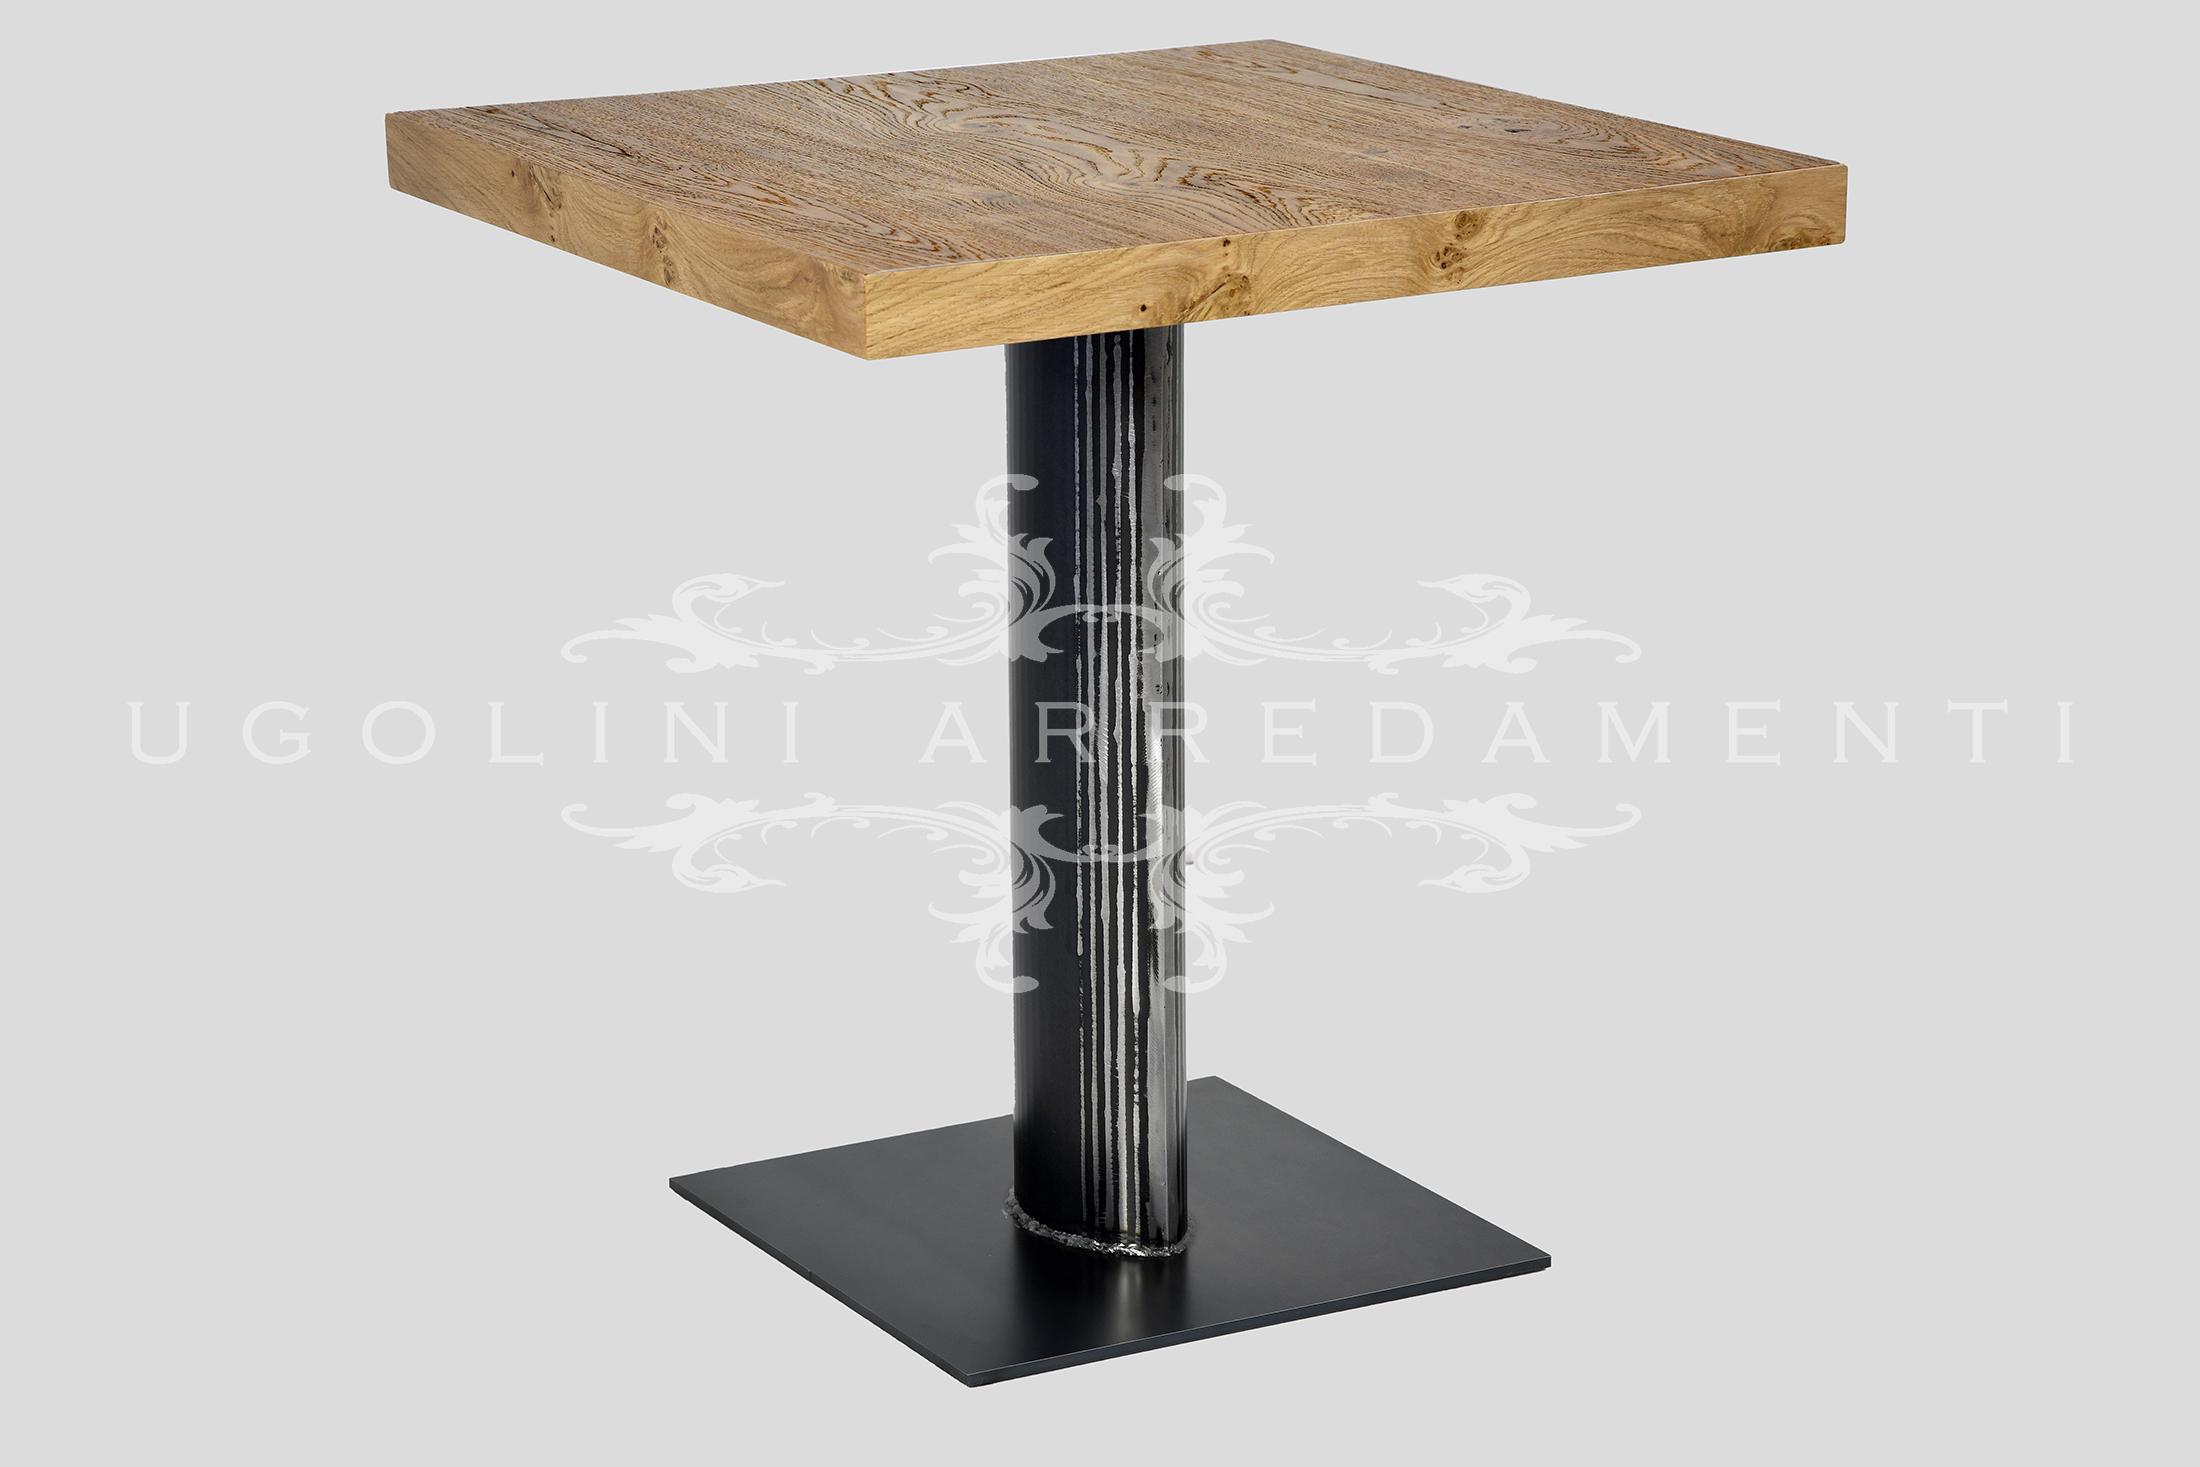 Tavolo in rovere nodato con base in ferro